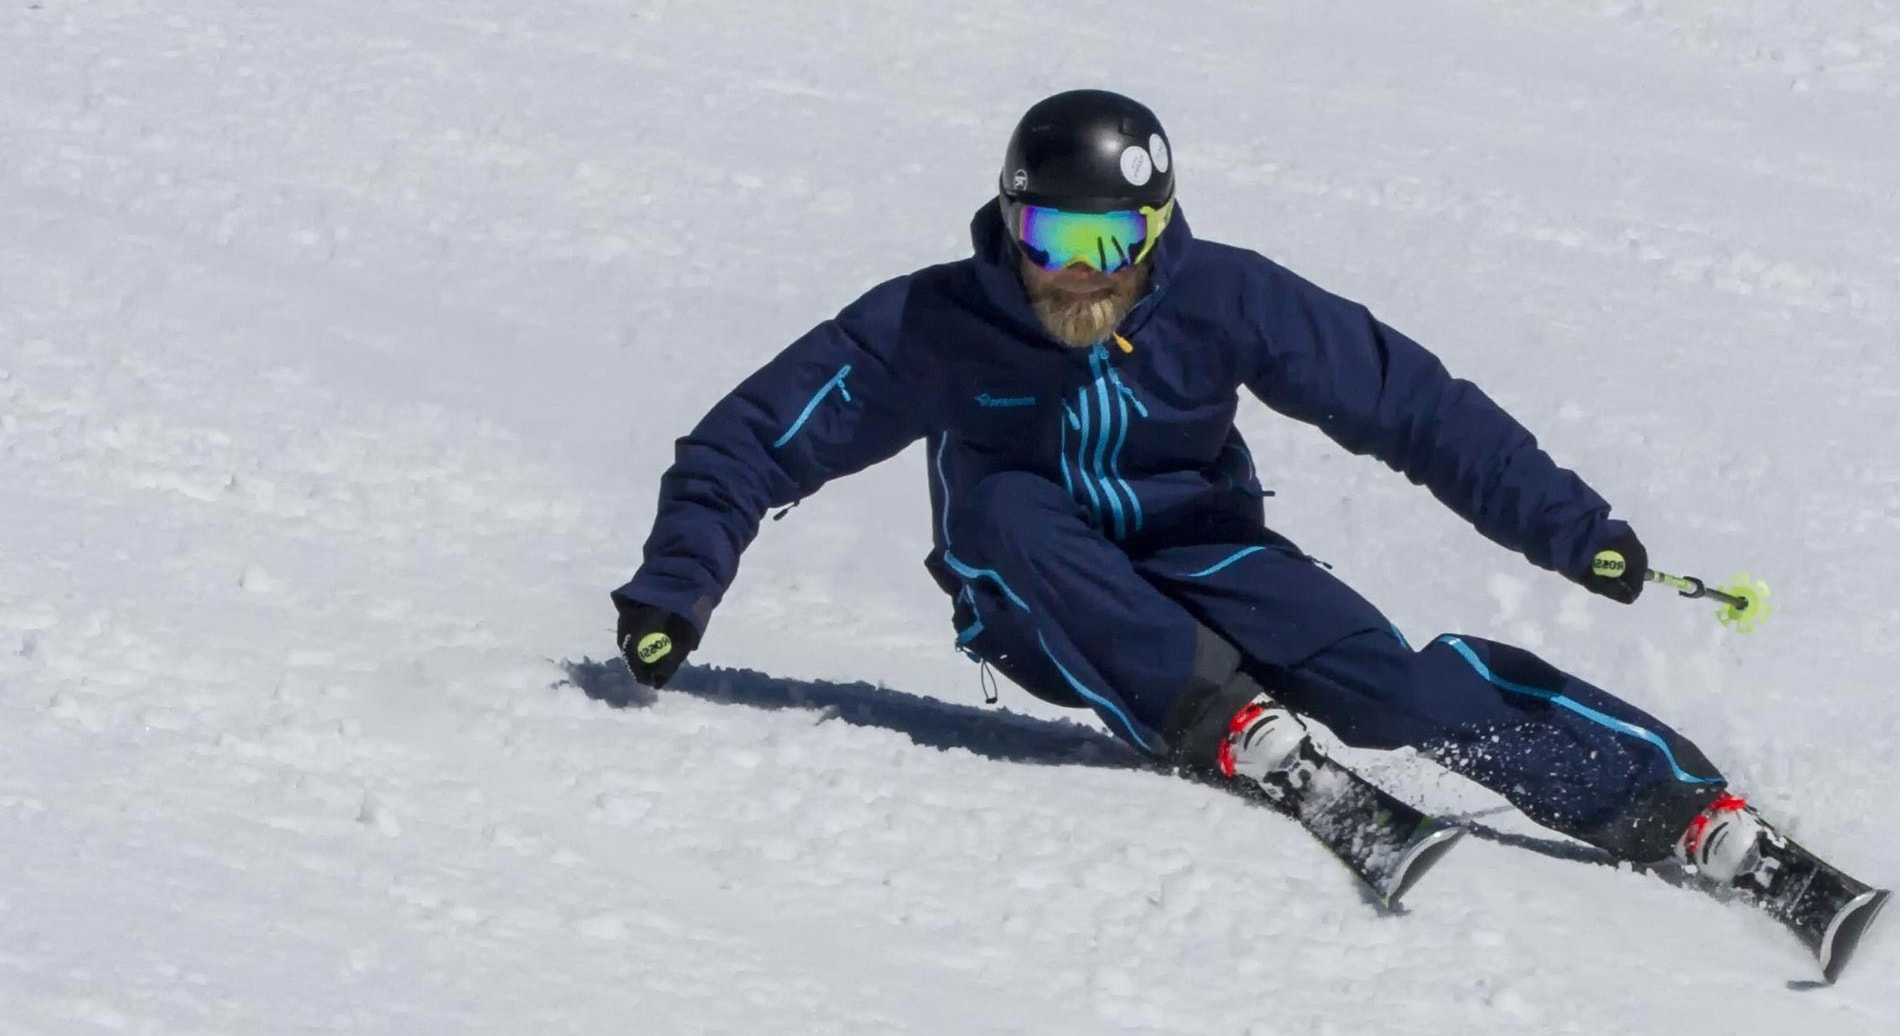 Fun&Snow Skiinstructor Expert